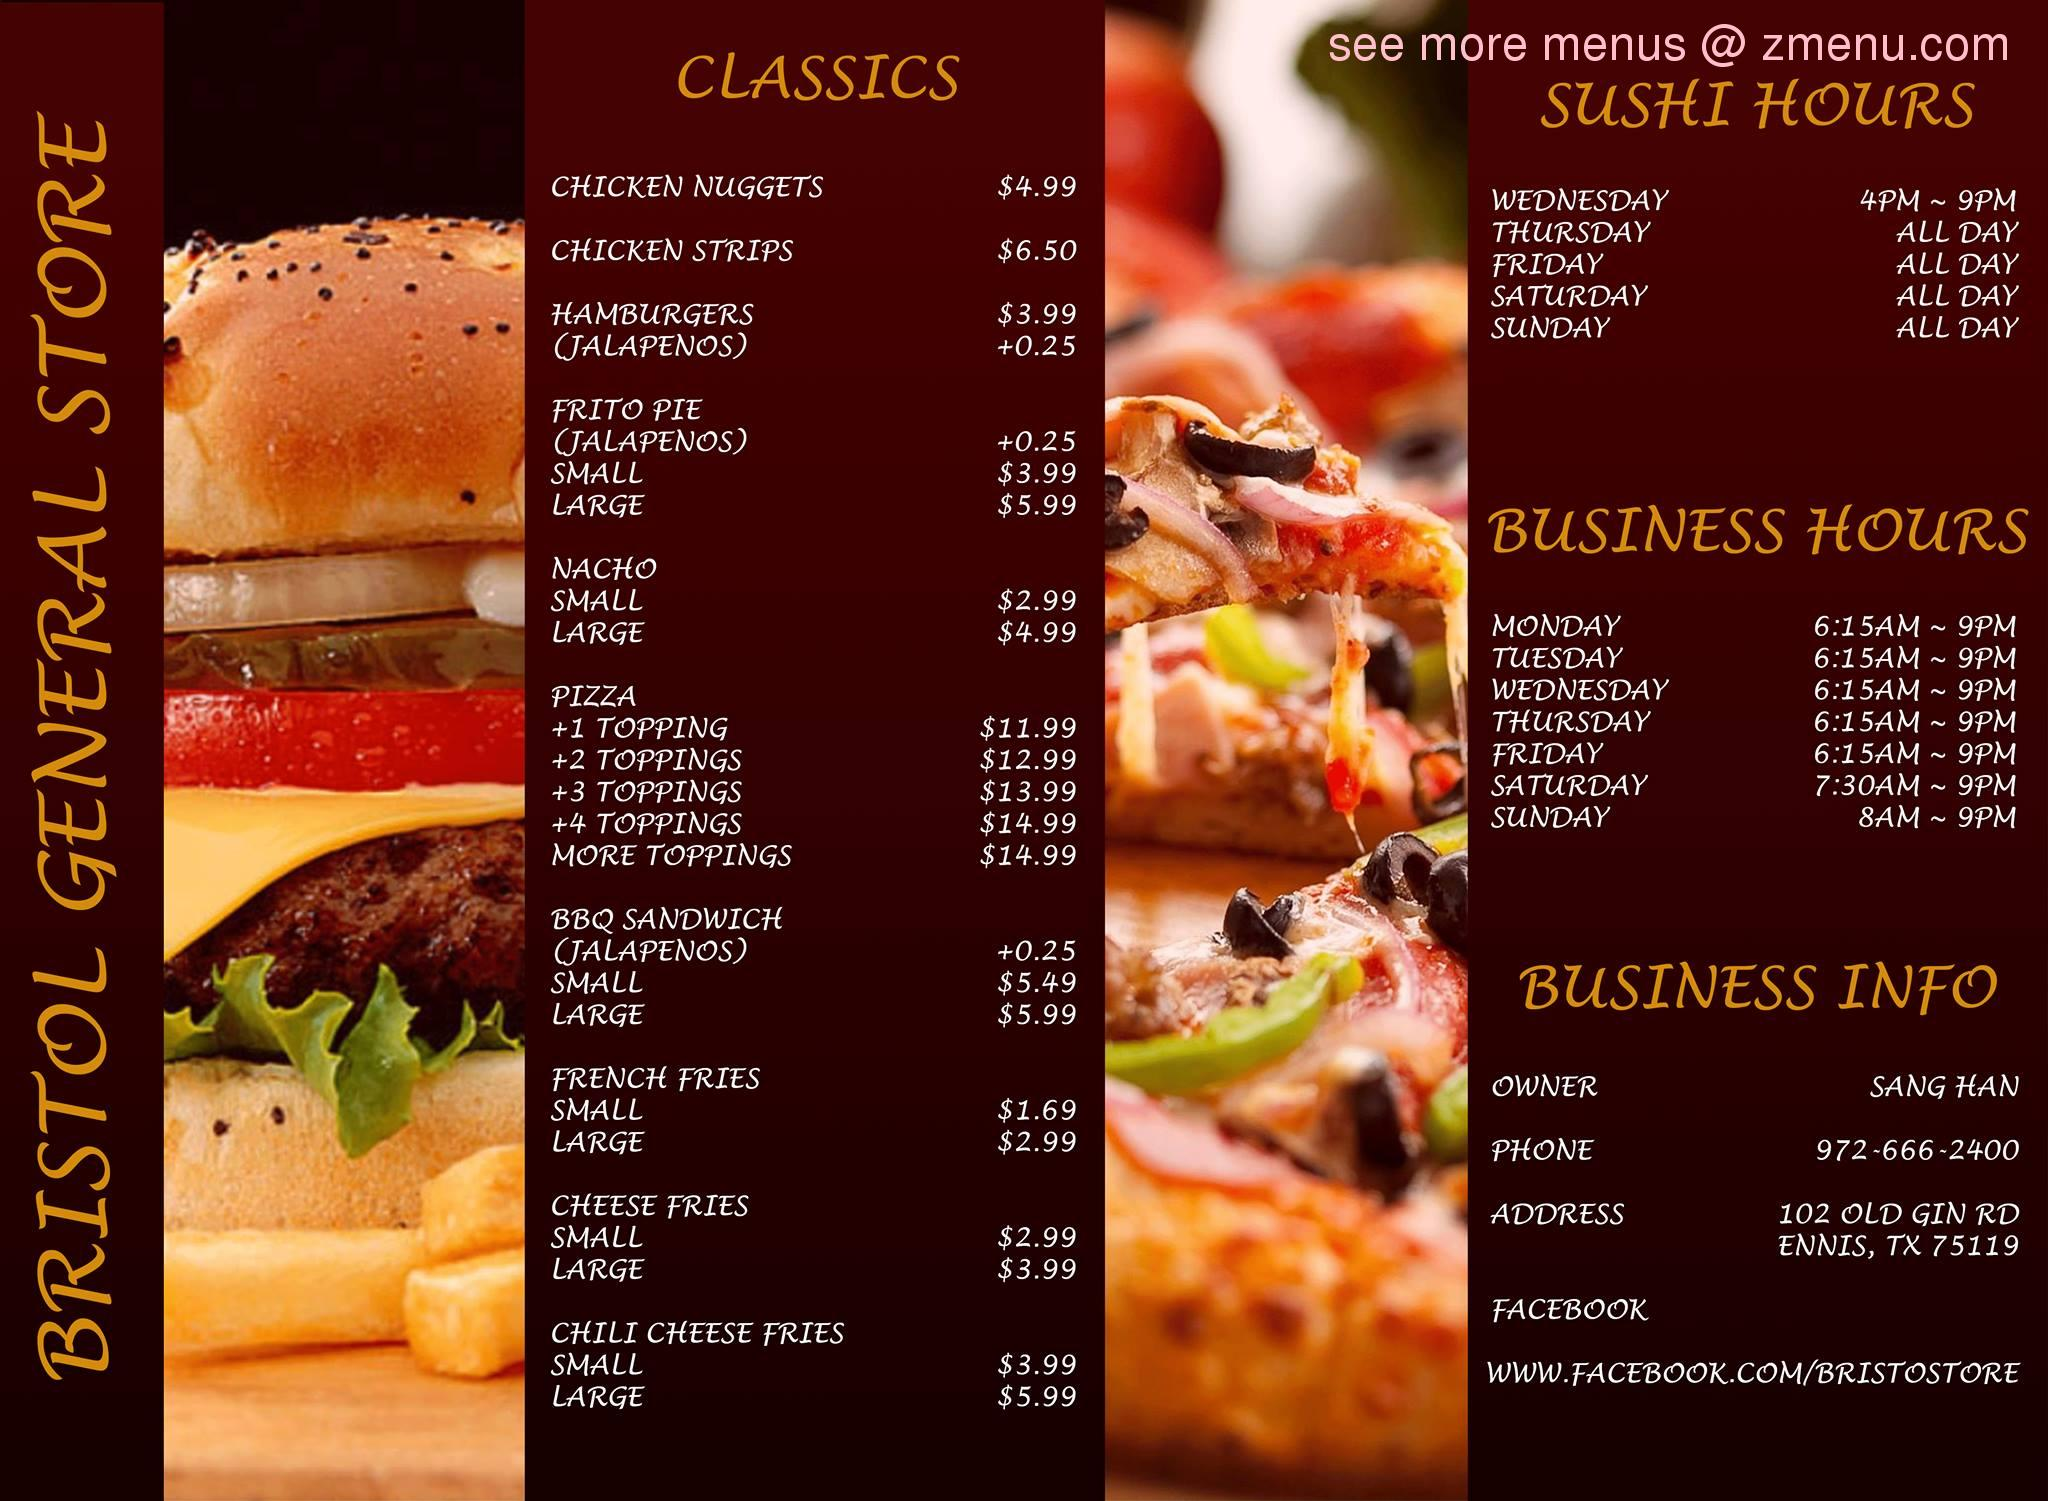 Fast Food In Ennis Tx